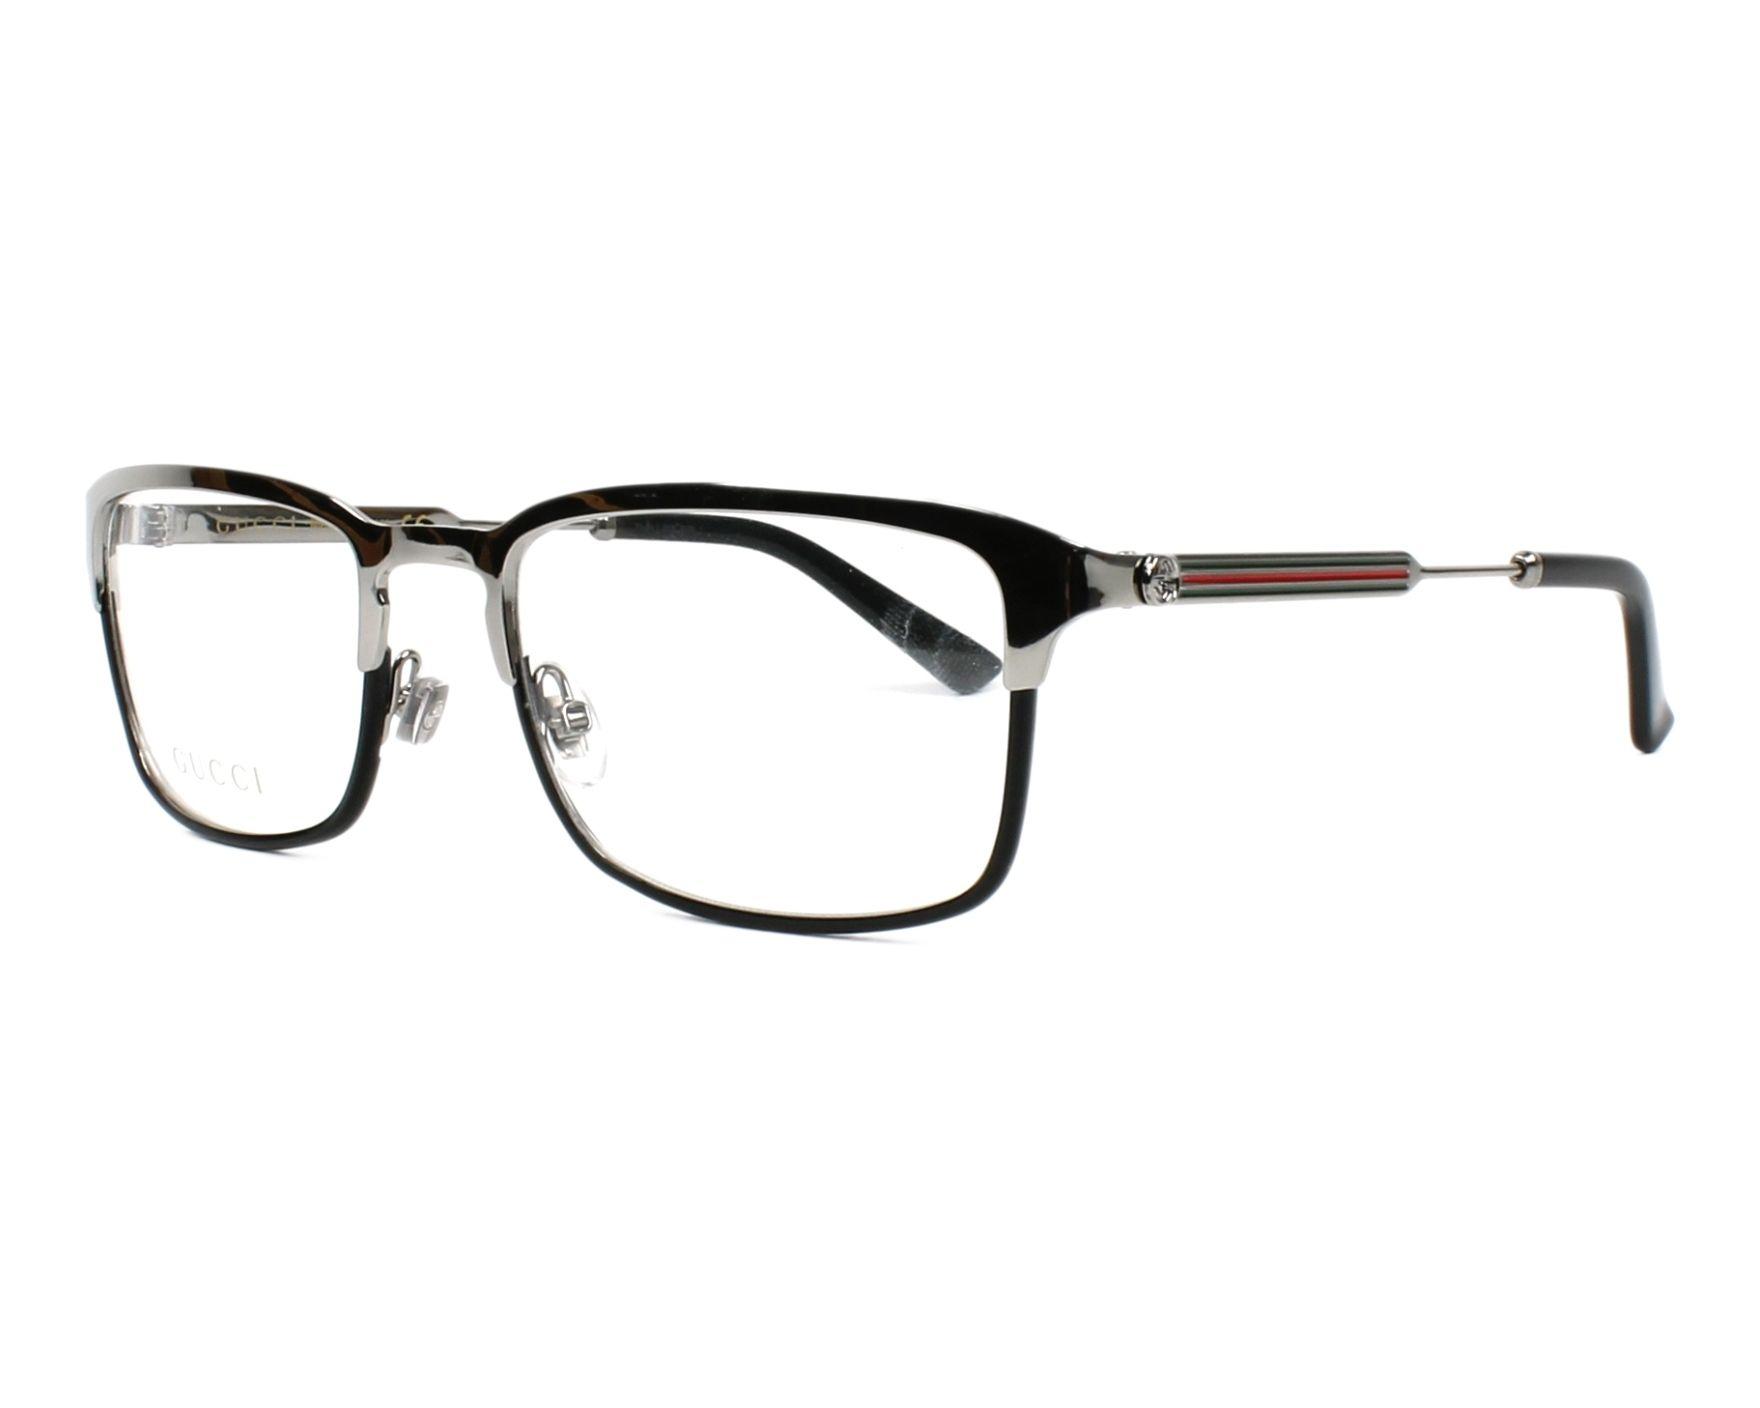 026320bb4e789 ... Full Frame Prescription Eyeglasses Buy Gucci Eyeglasses GG-0135-O 006  Online - Visionet